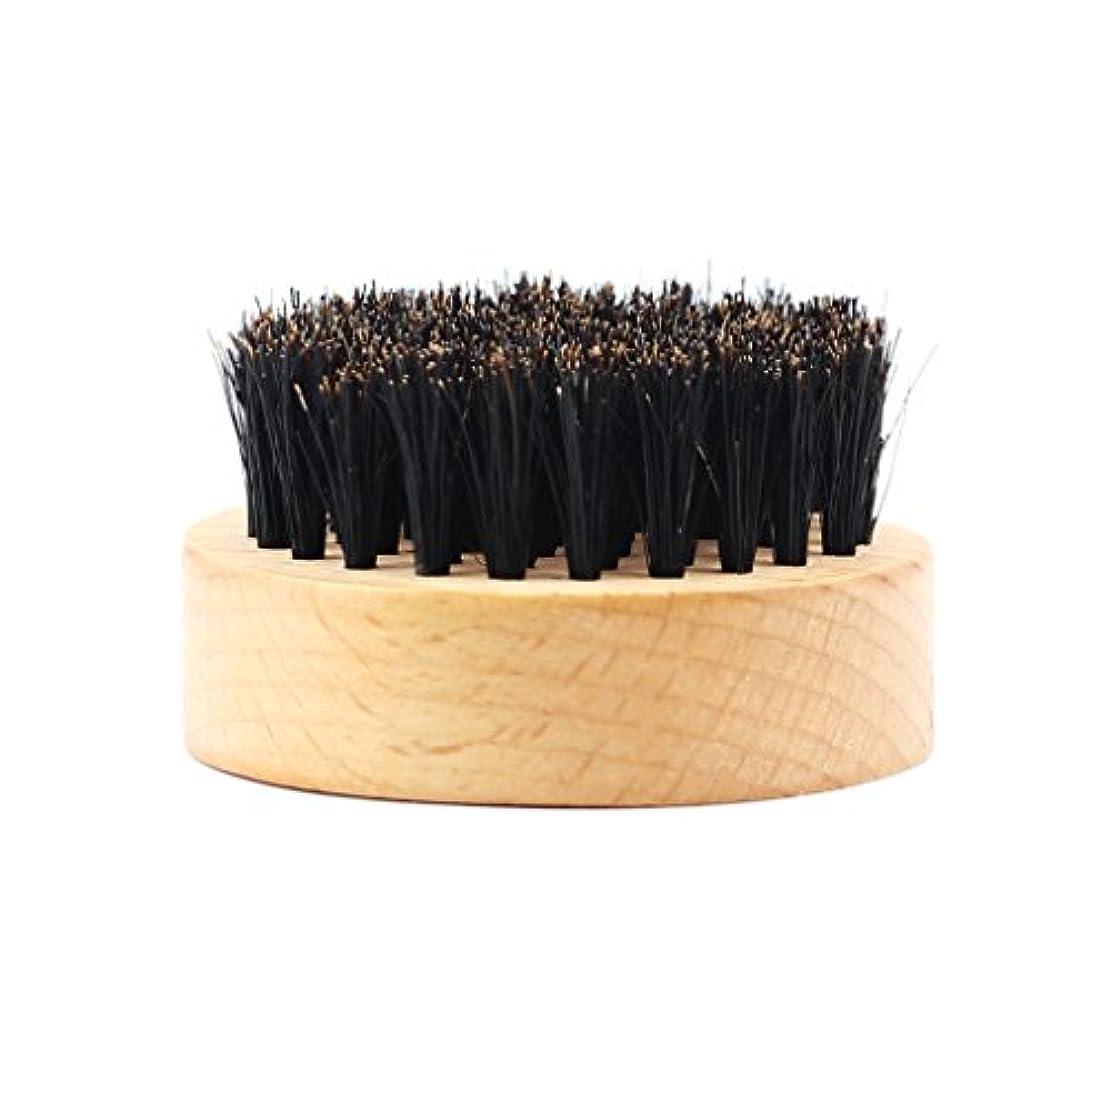 ビルマ機知に富んだチャーム髭ブラシ 男性 ひげ剃り 天然木ハンドル ひげそり グルーミング 2タイプ選べる - #2